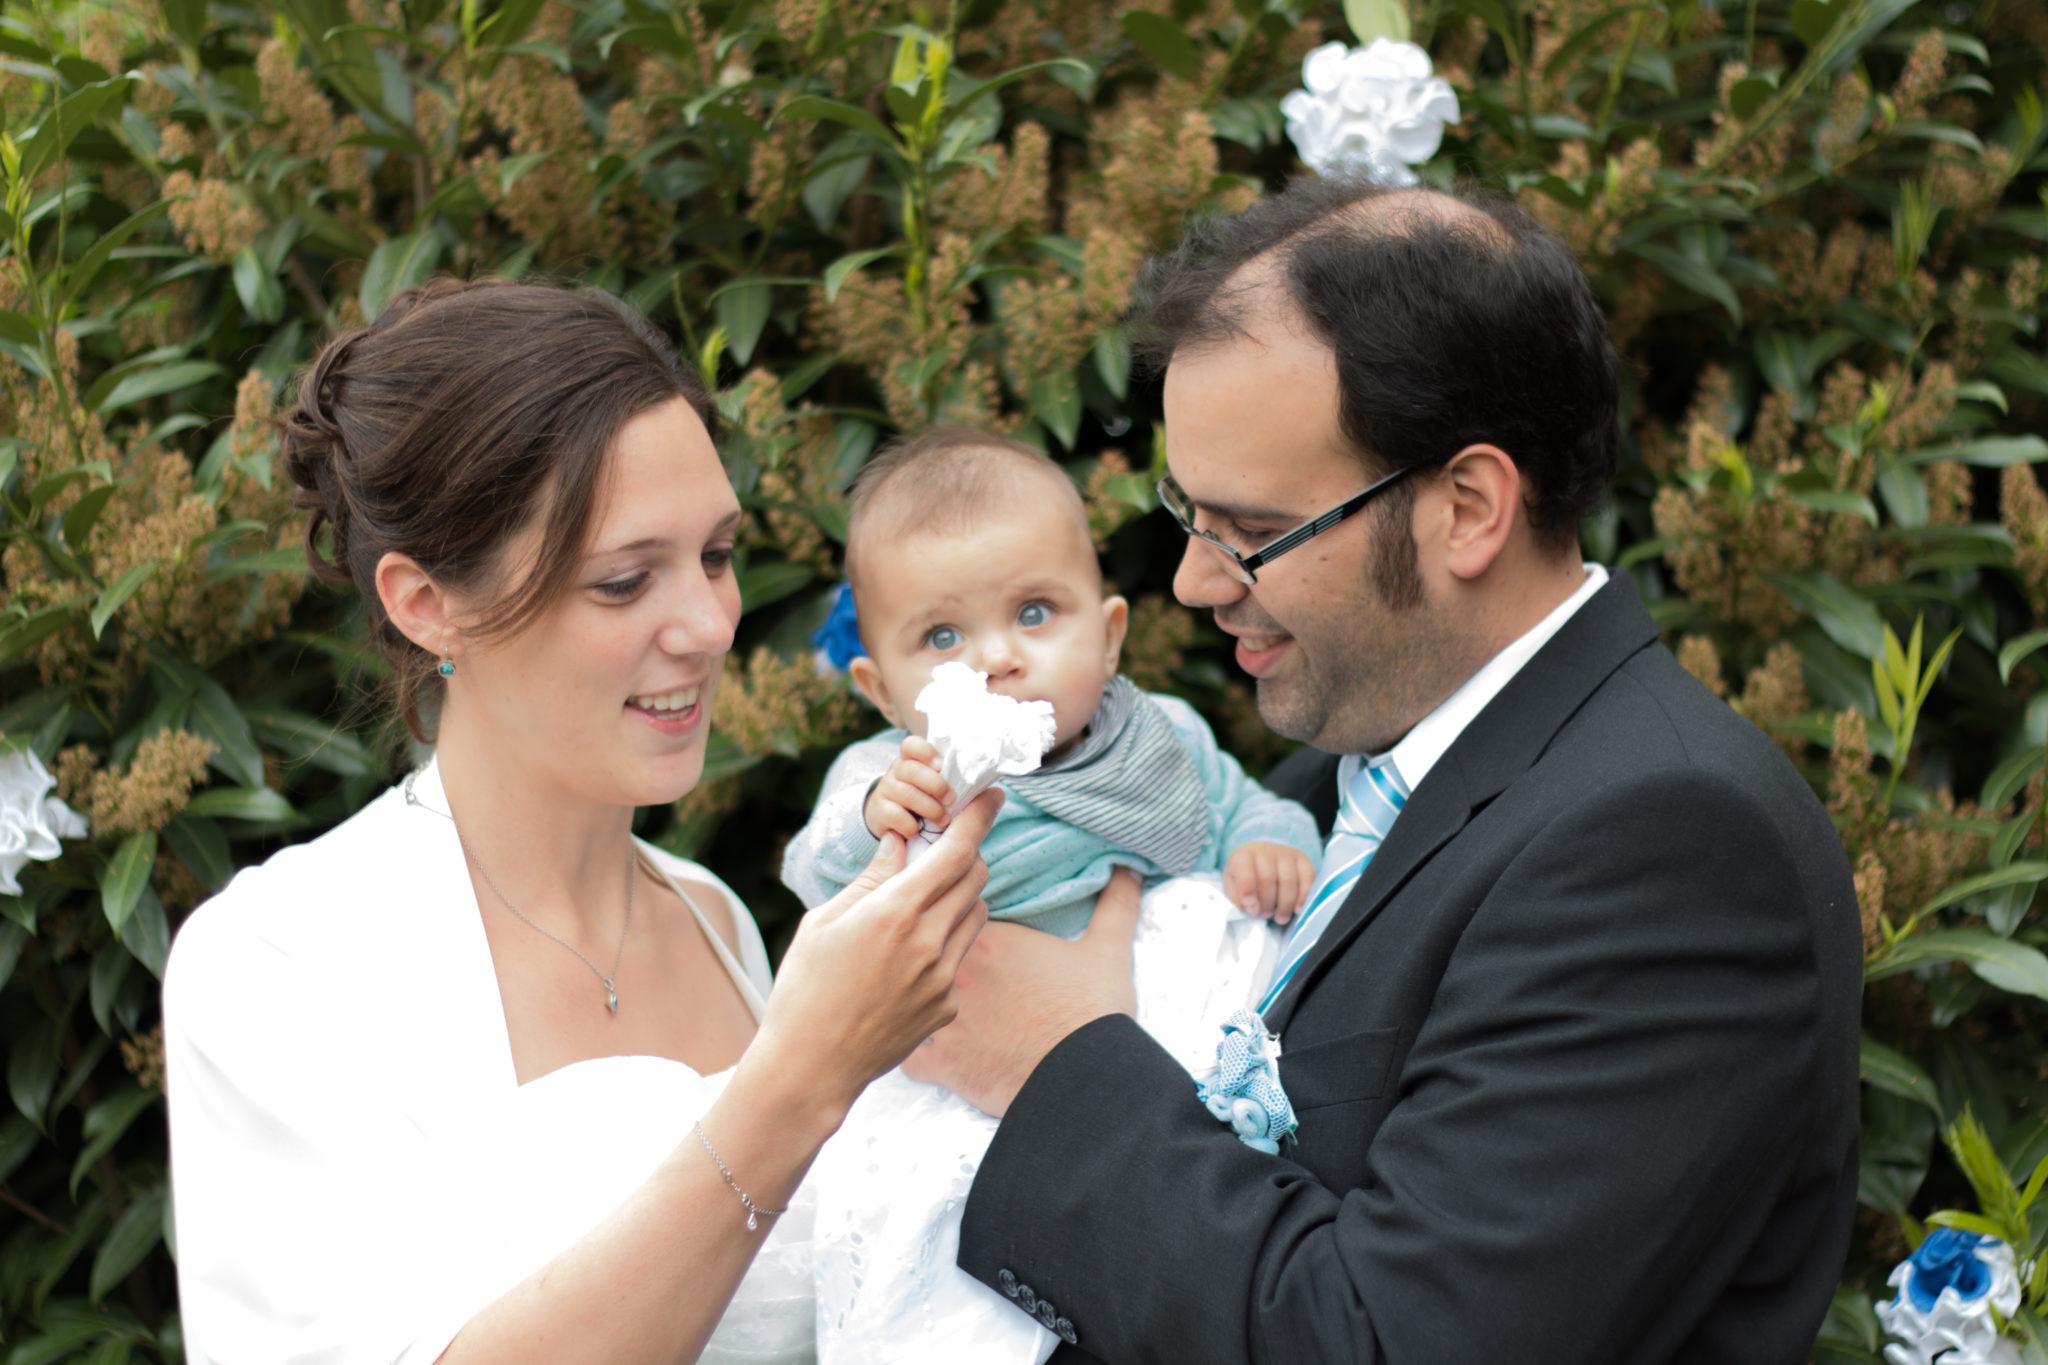 Andreas Völker - Hochzeitsfotos Hochzeitsfotograf Hochzeitsfotografie Münster Münsterland NRW